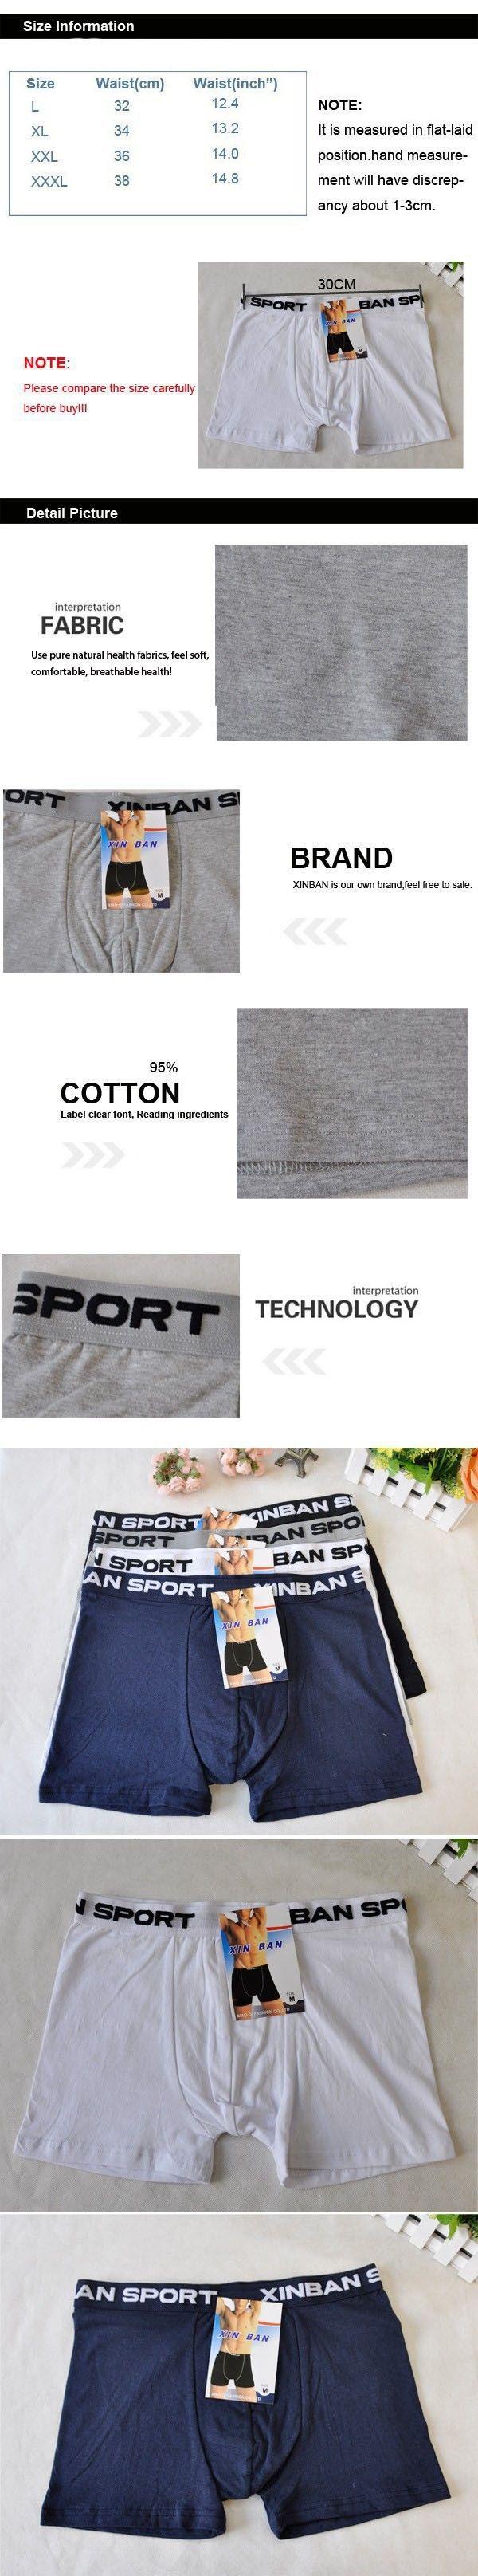 2016 Hot Sale Men's Boxers Boxer Shorts L XL XXL XXXL Cotton Underwear Men 5021   Read more at The Bargain Paradise : https://www.nboempire.com/products/2016-hot-sale-mens-boxers-boxer-shorts-l-xl-xxl-xxxl-cotton-underwear-men-5021/   2016 Hot Sale Men's Boxers Sports Boxer Shorts L XL XXL XXXL Cotton Underwear Men 5021